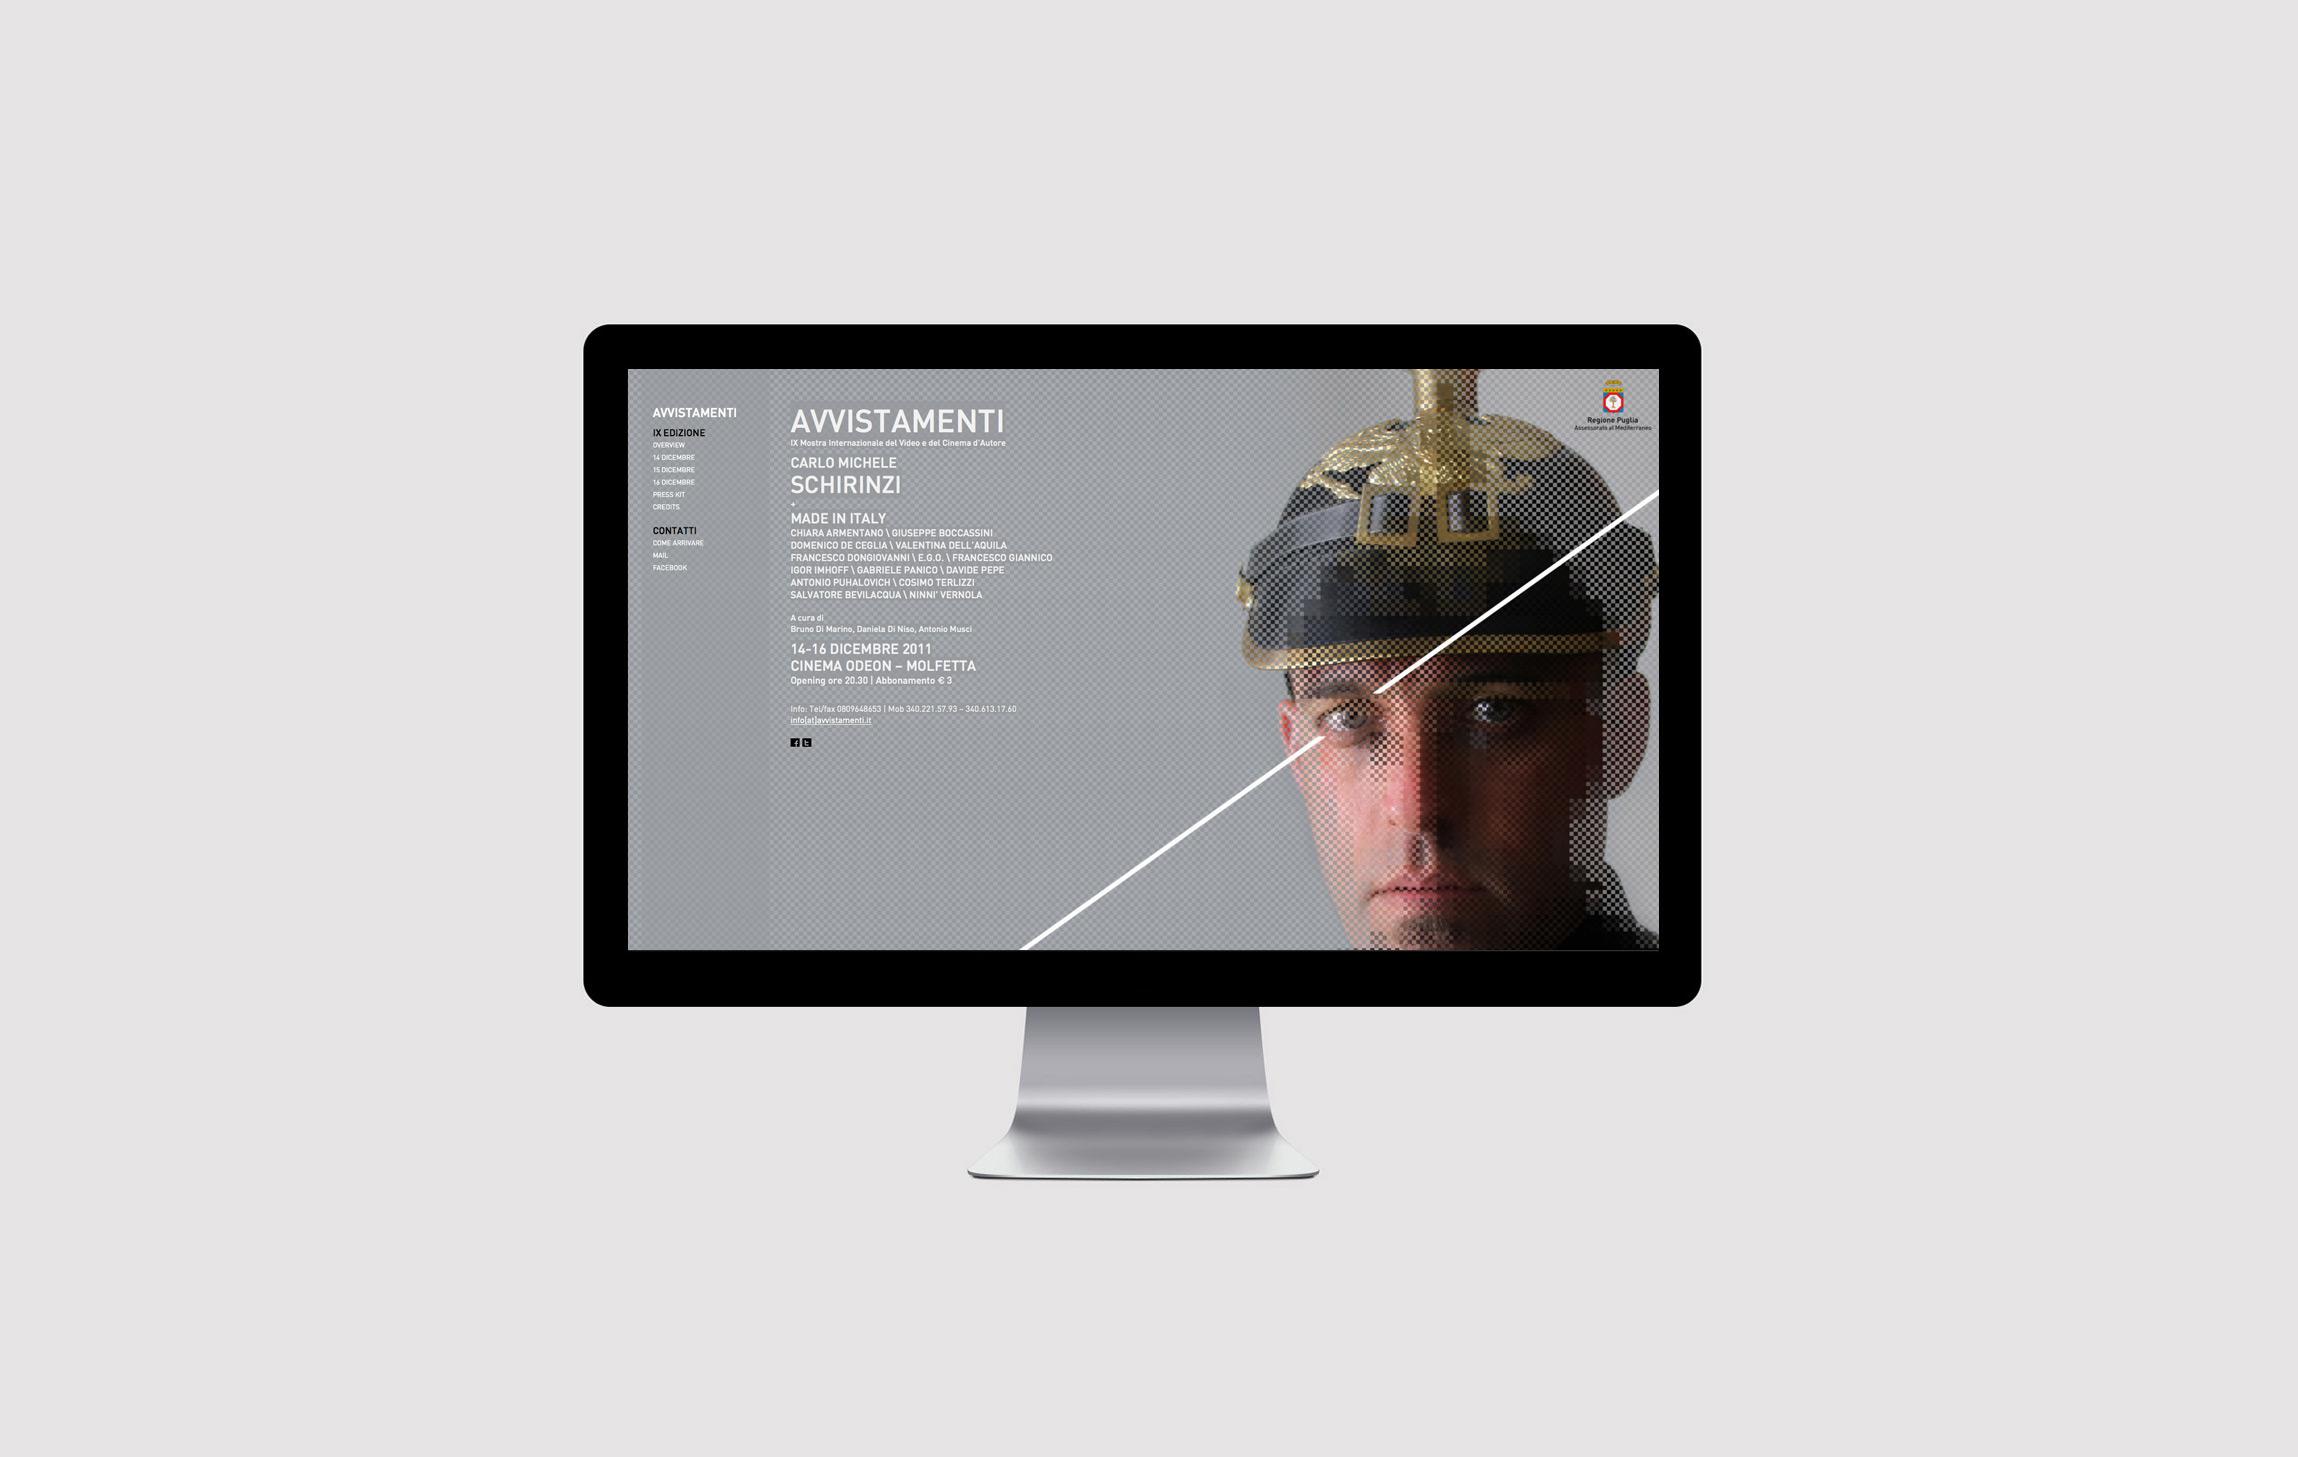 Avvitamenti sitoweb 2011